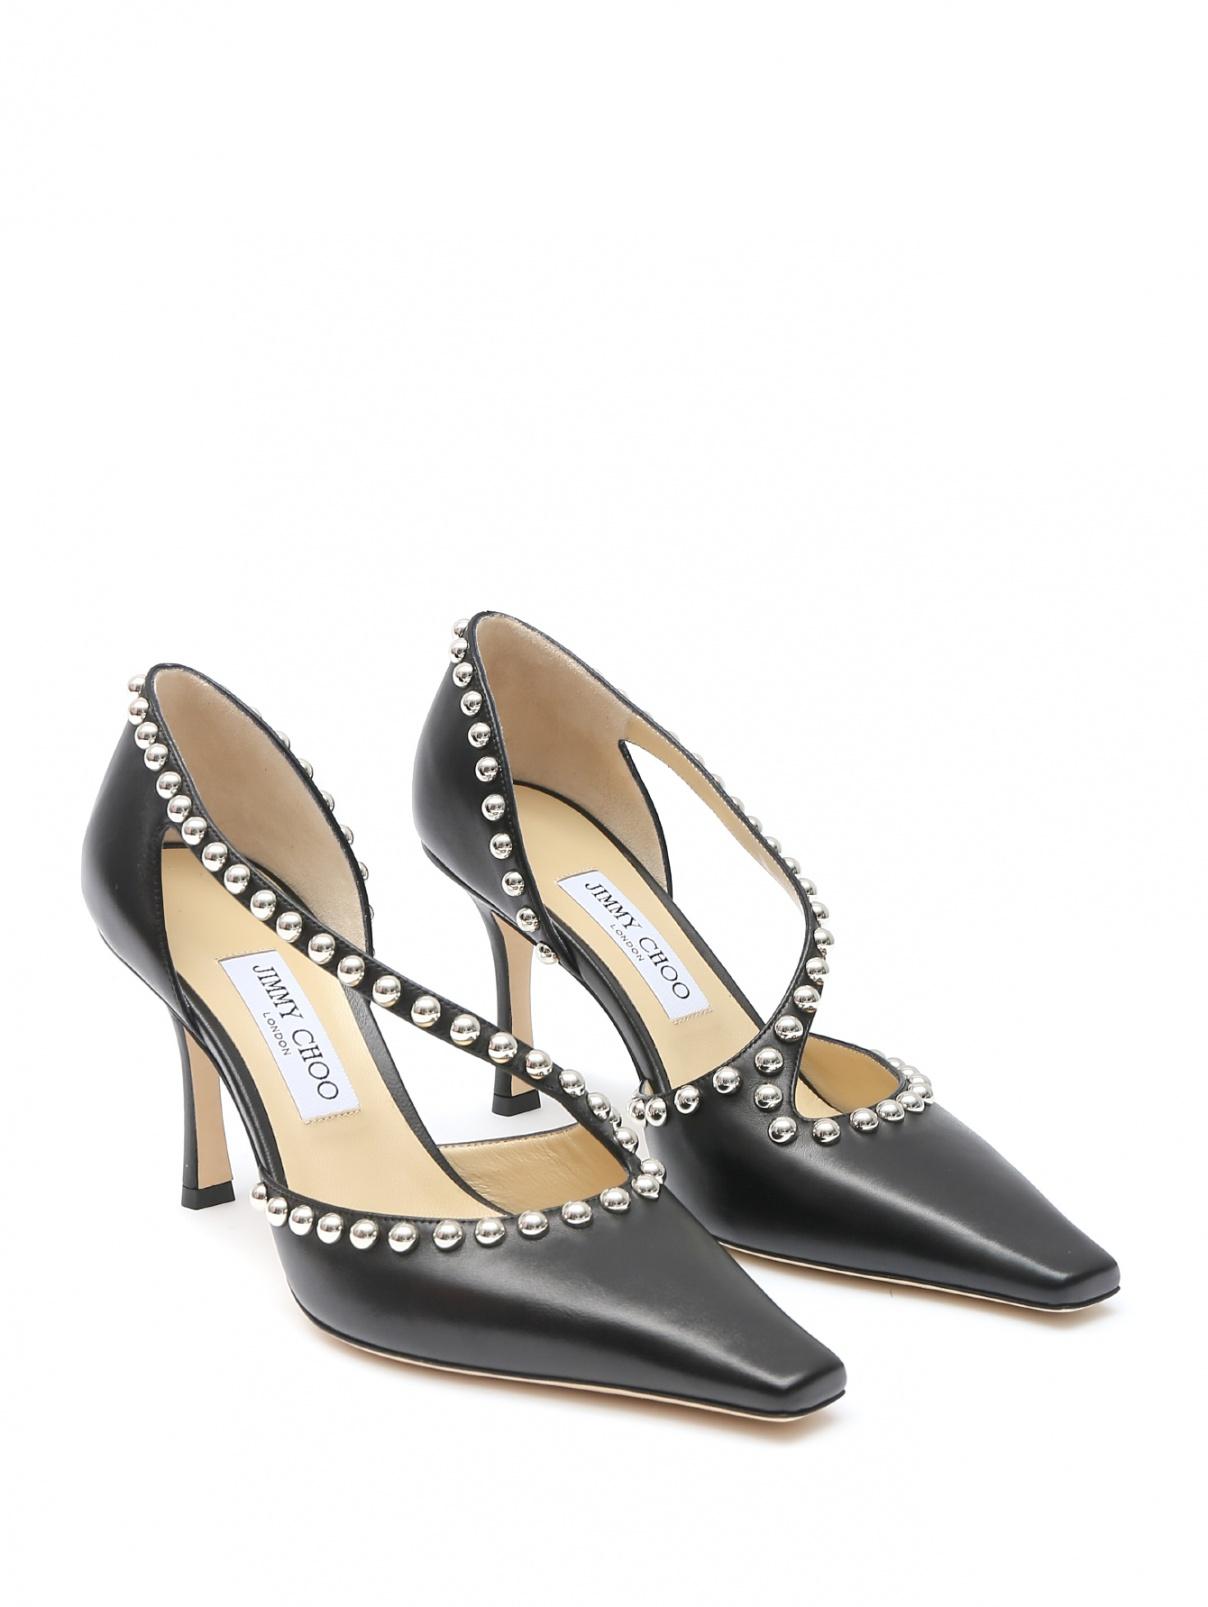 Туфли из гладкой кожи с металлическим декором Jimmy Choo  –  Общий вид